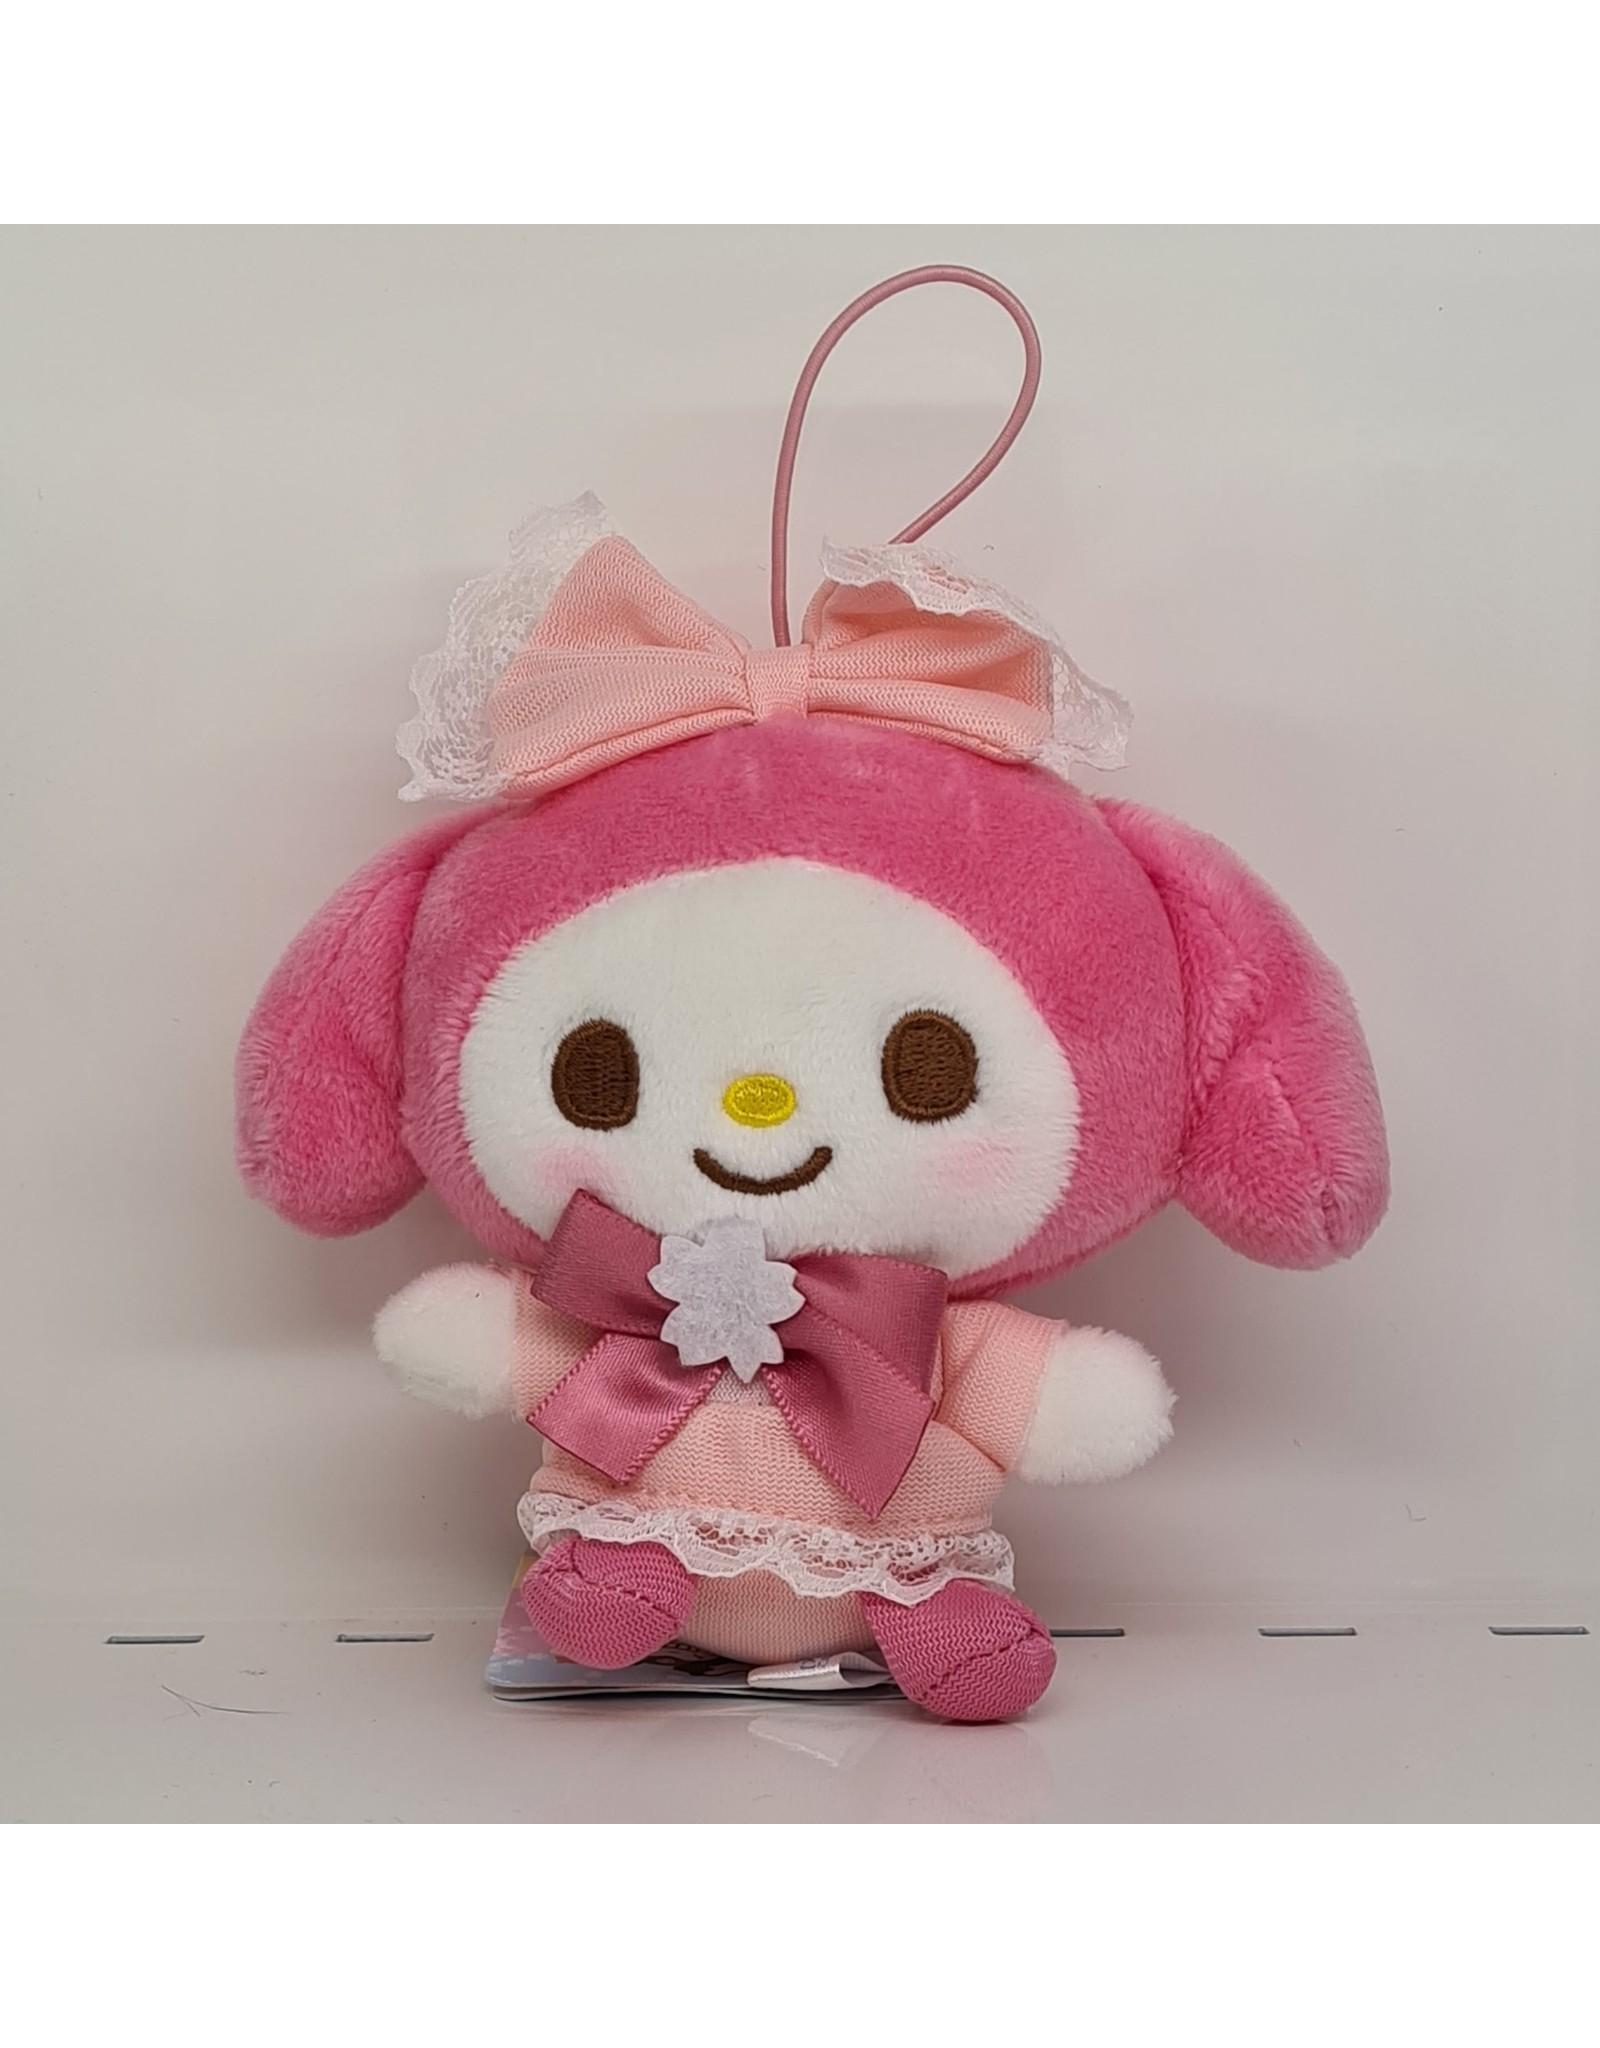 Sanrio Yurukawa Character Series Sakura Plush - My Melody - 10 cm